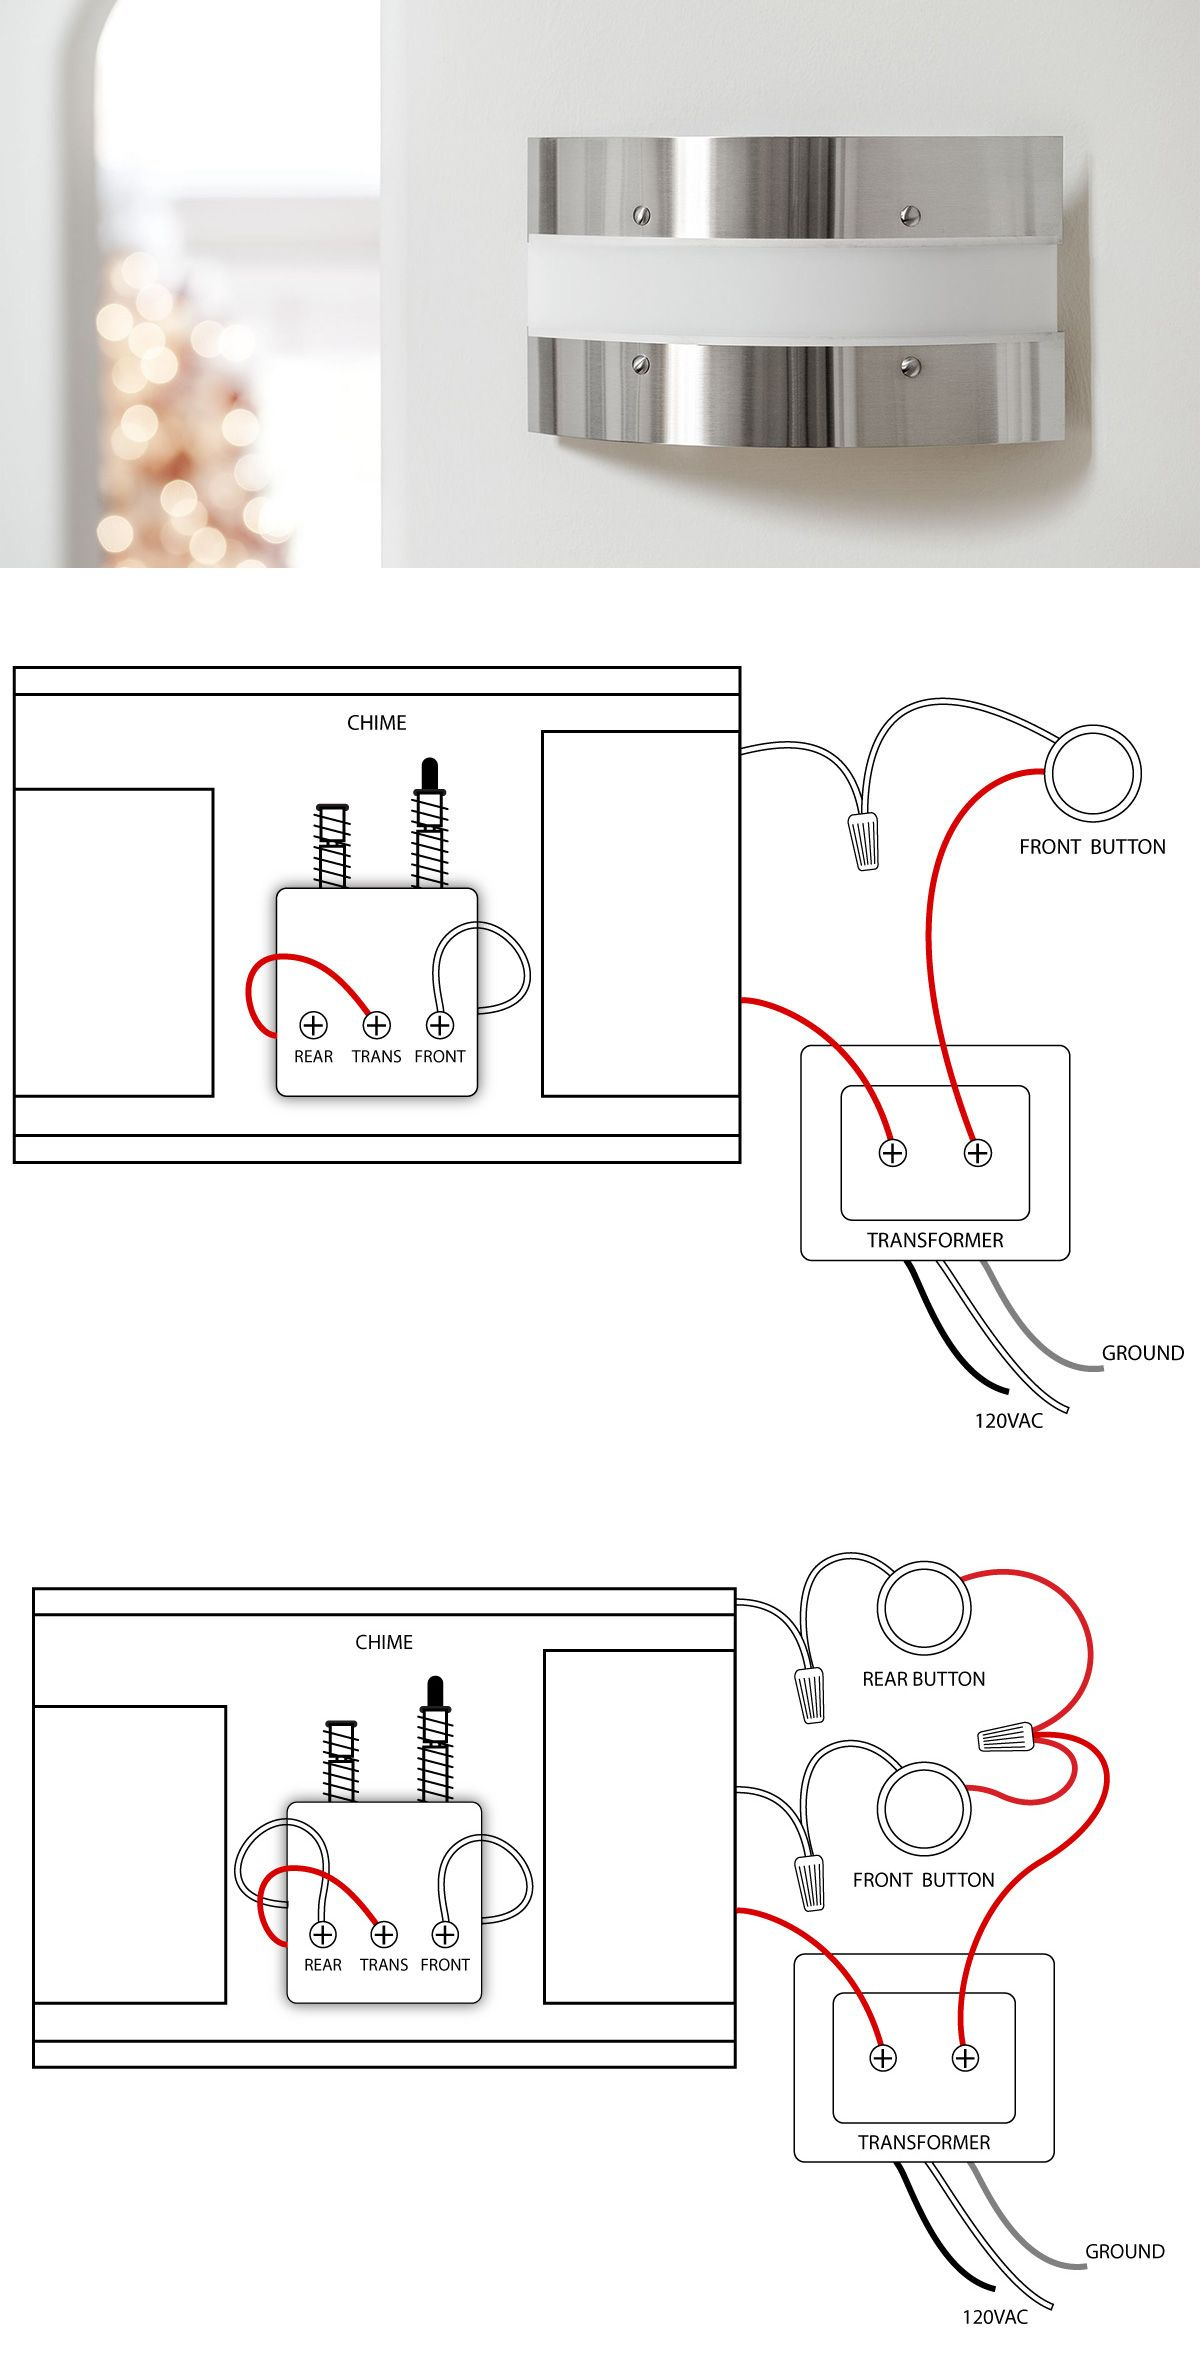 Doorbell Wiring Diagrams | Diy - Fix It | Doors, Wire, Electrical Wiring - Doorbell Wiring Diagram Two Chimes